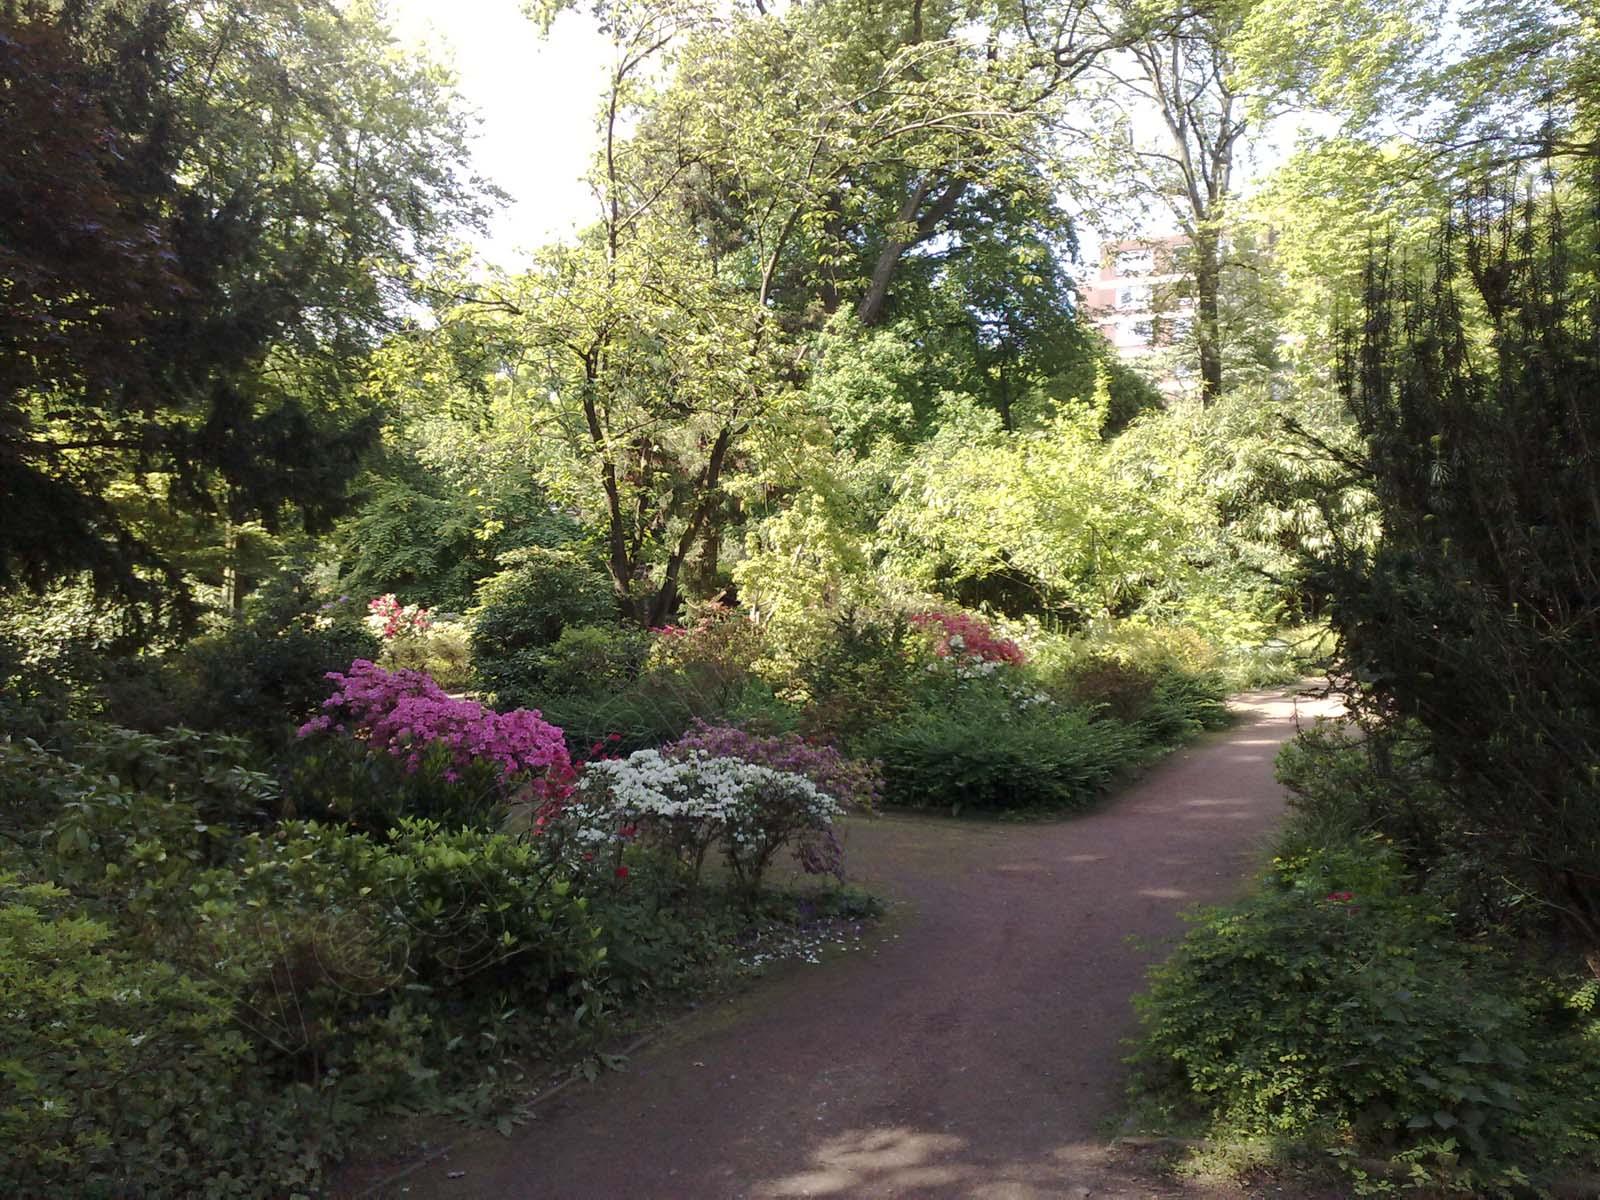 Botanischer Garten Duissern Duisburg Vegetation Daheim